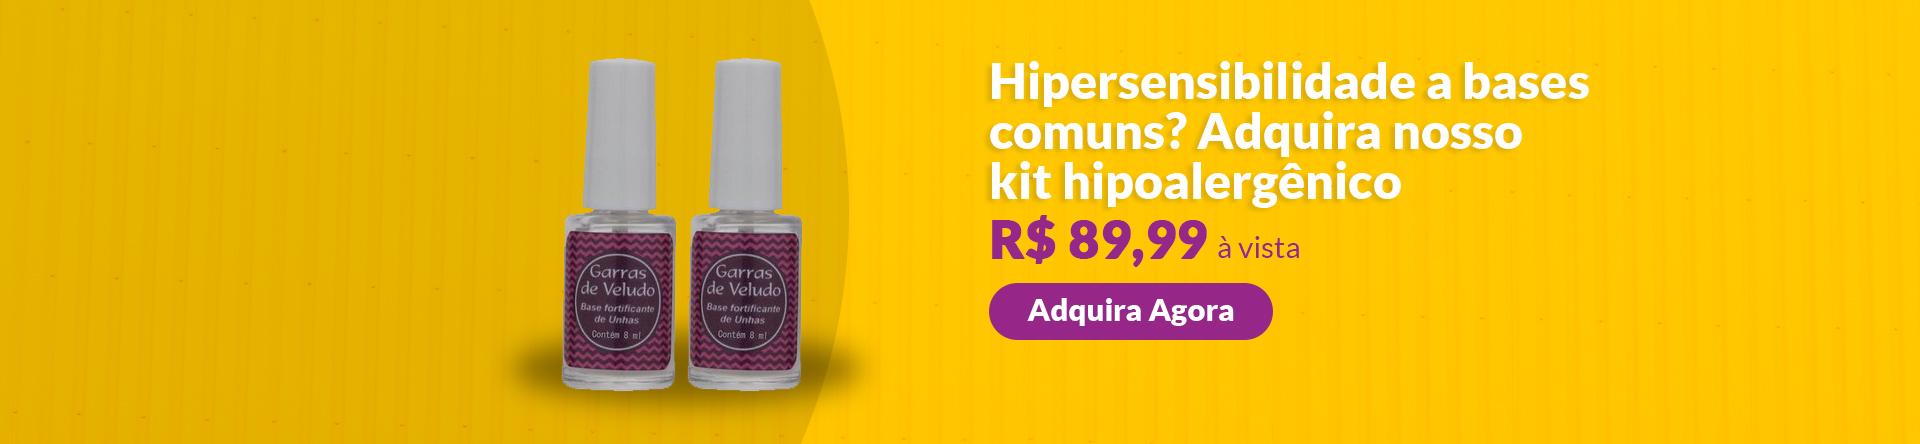 Full banner kit hipoalergênica